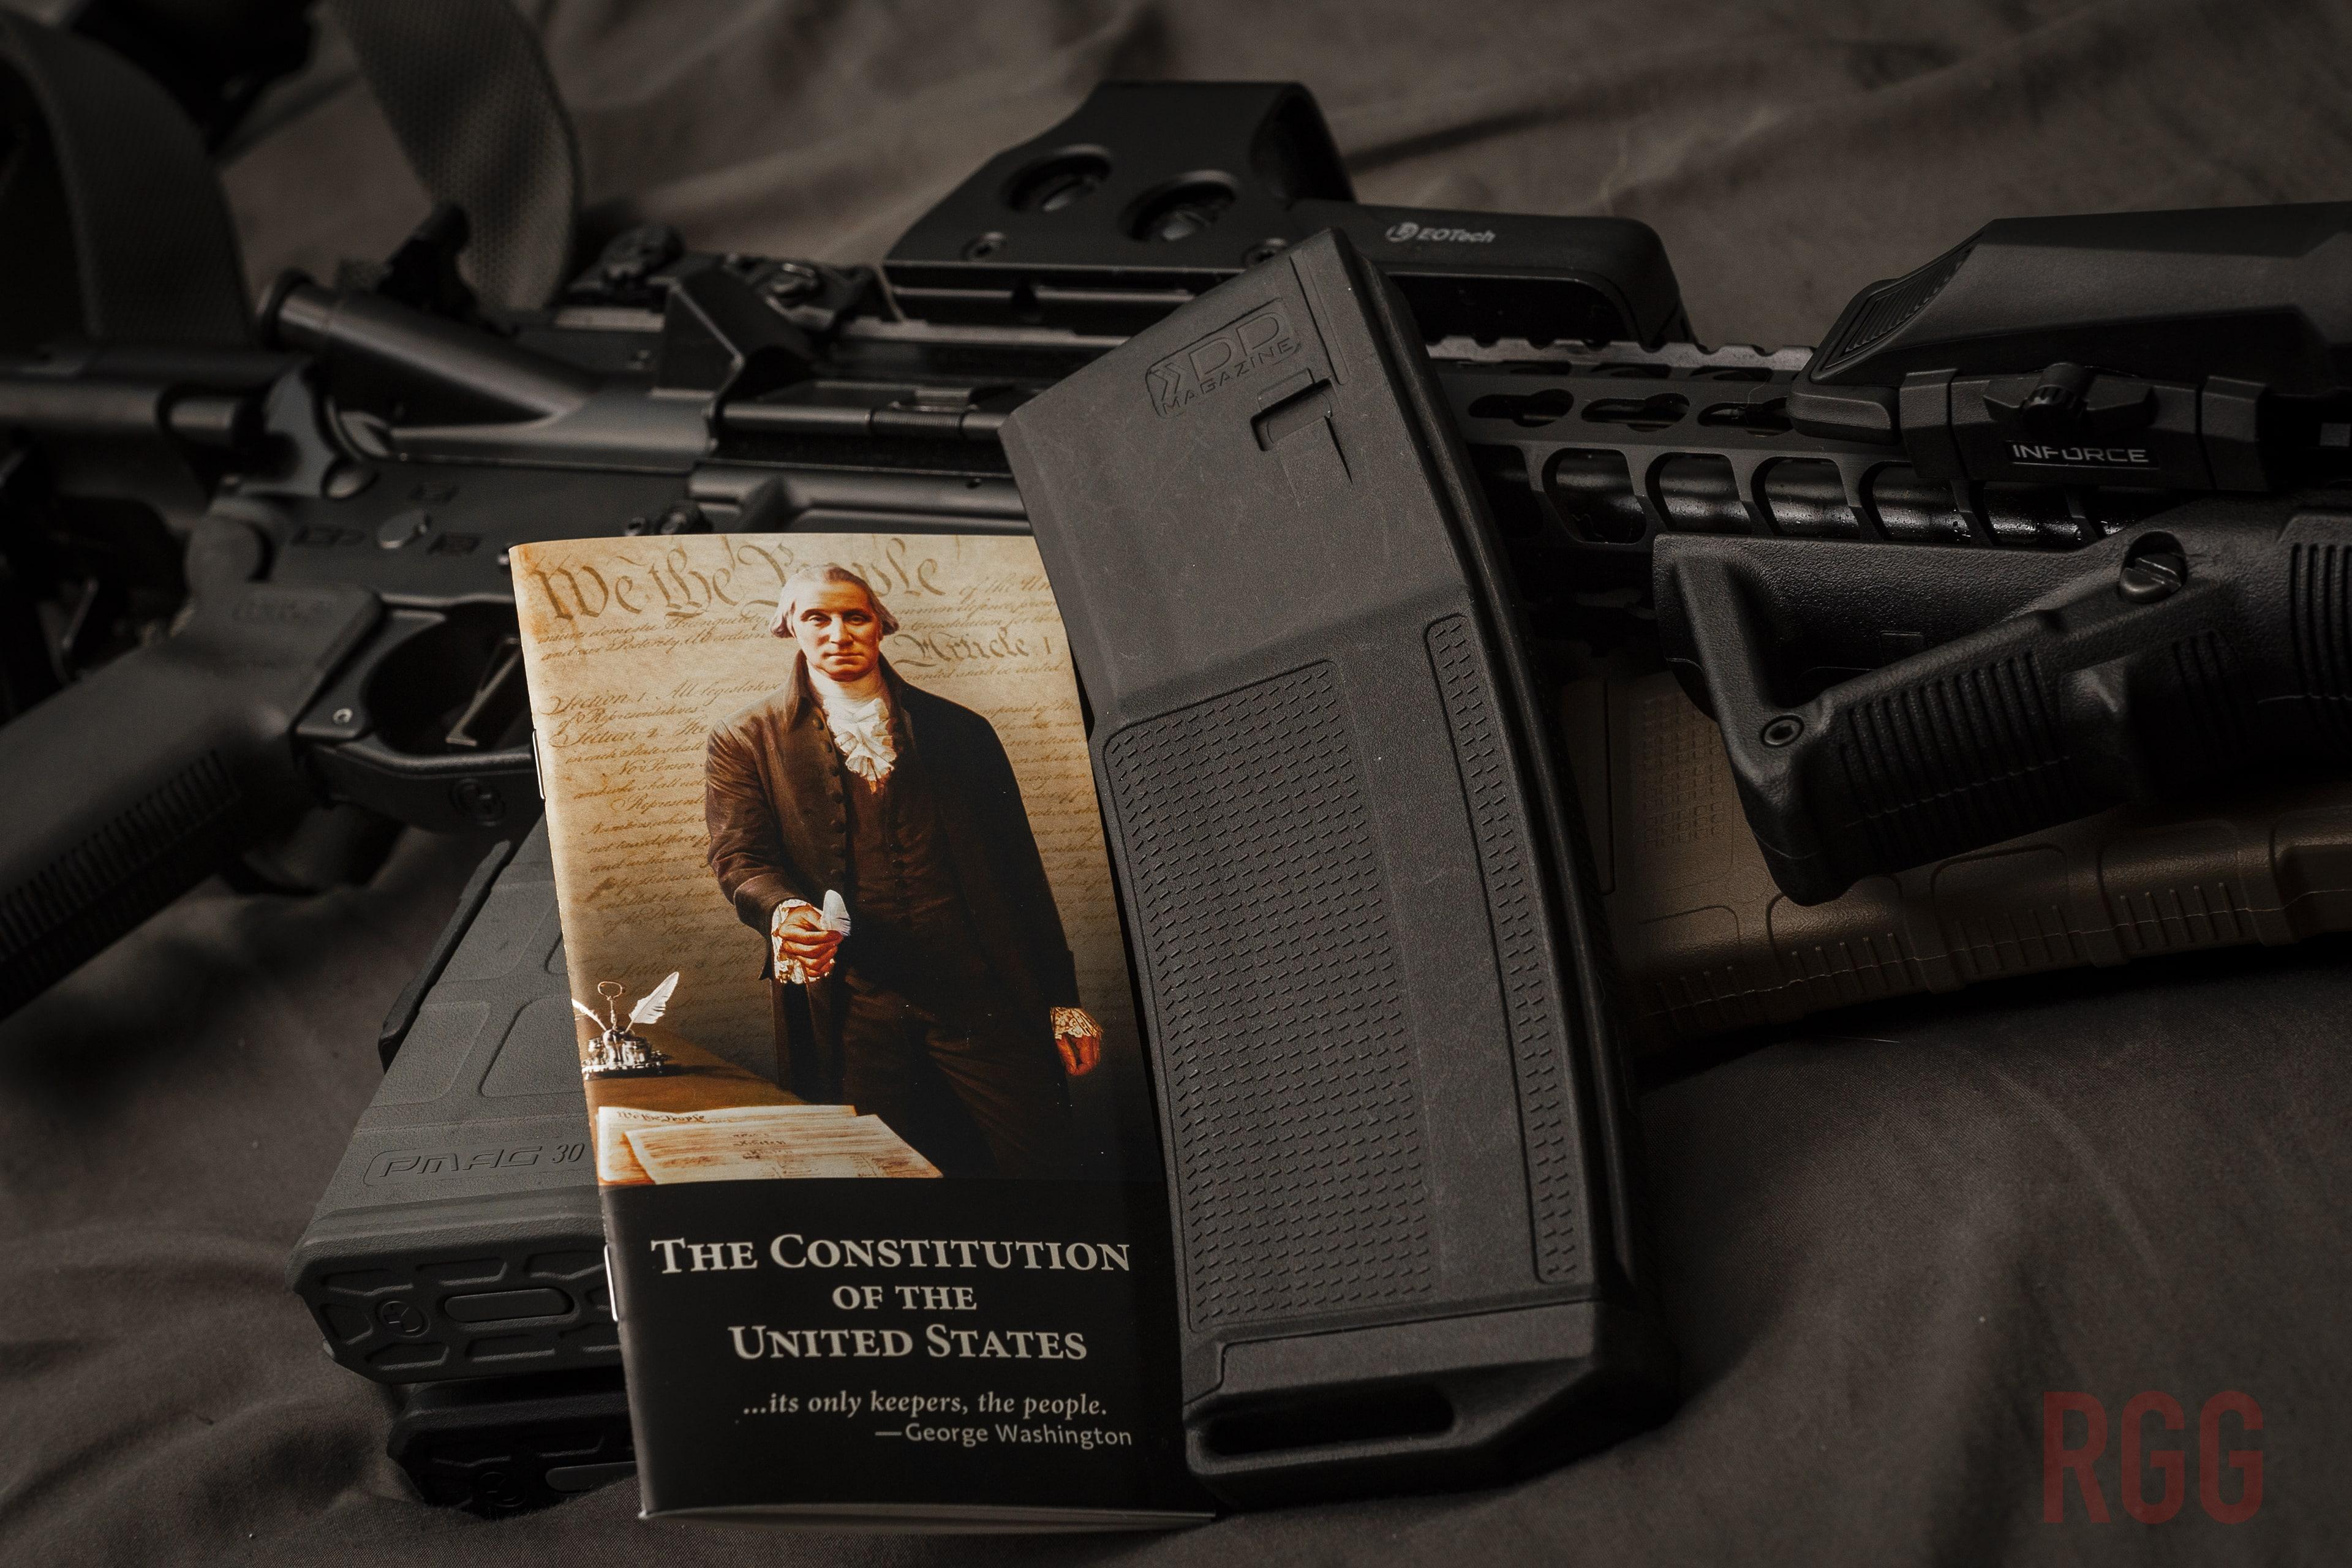 The Second Amendment guarantees all rights.